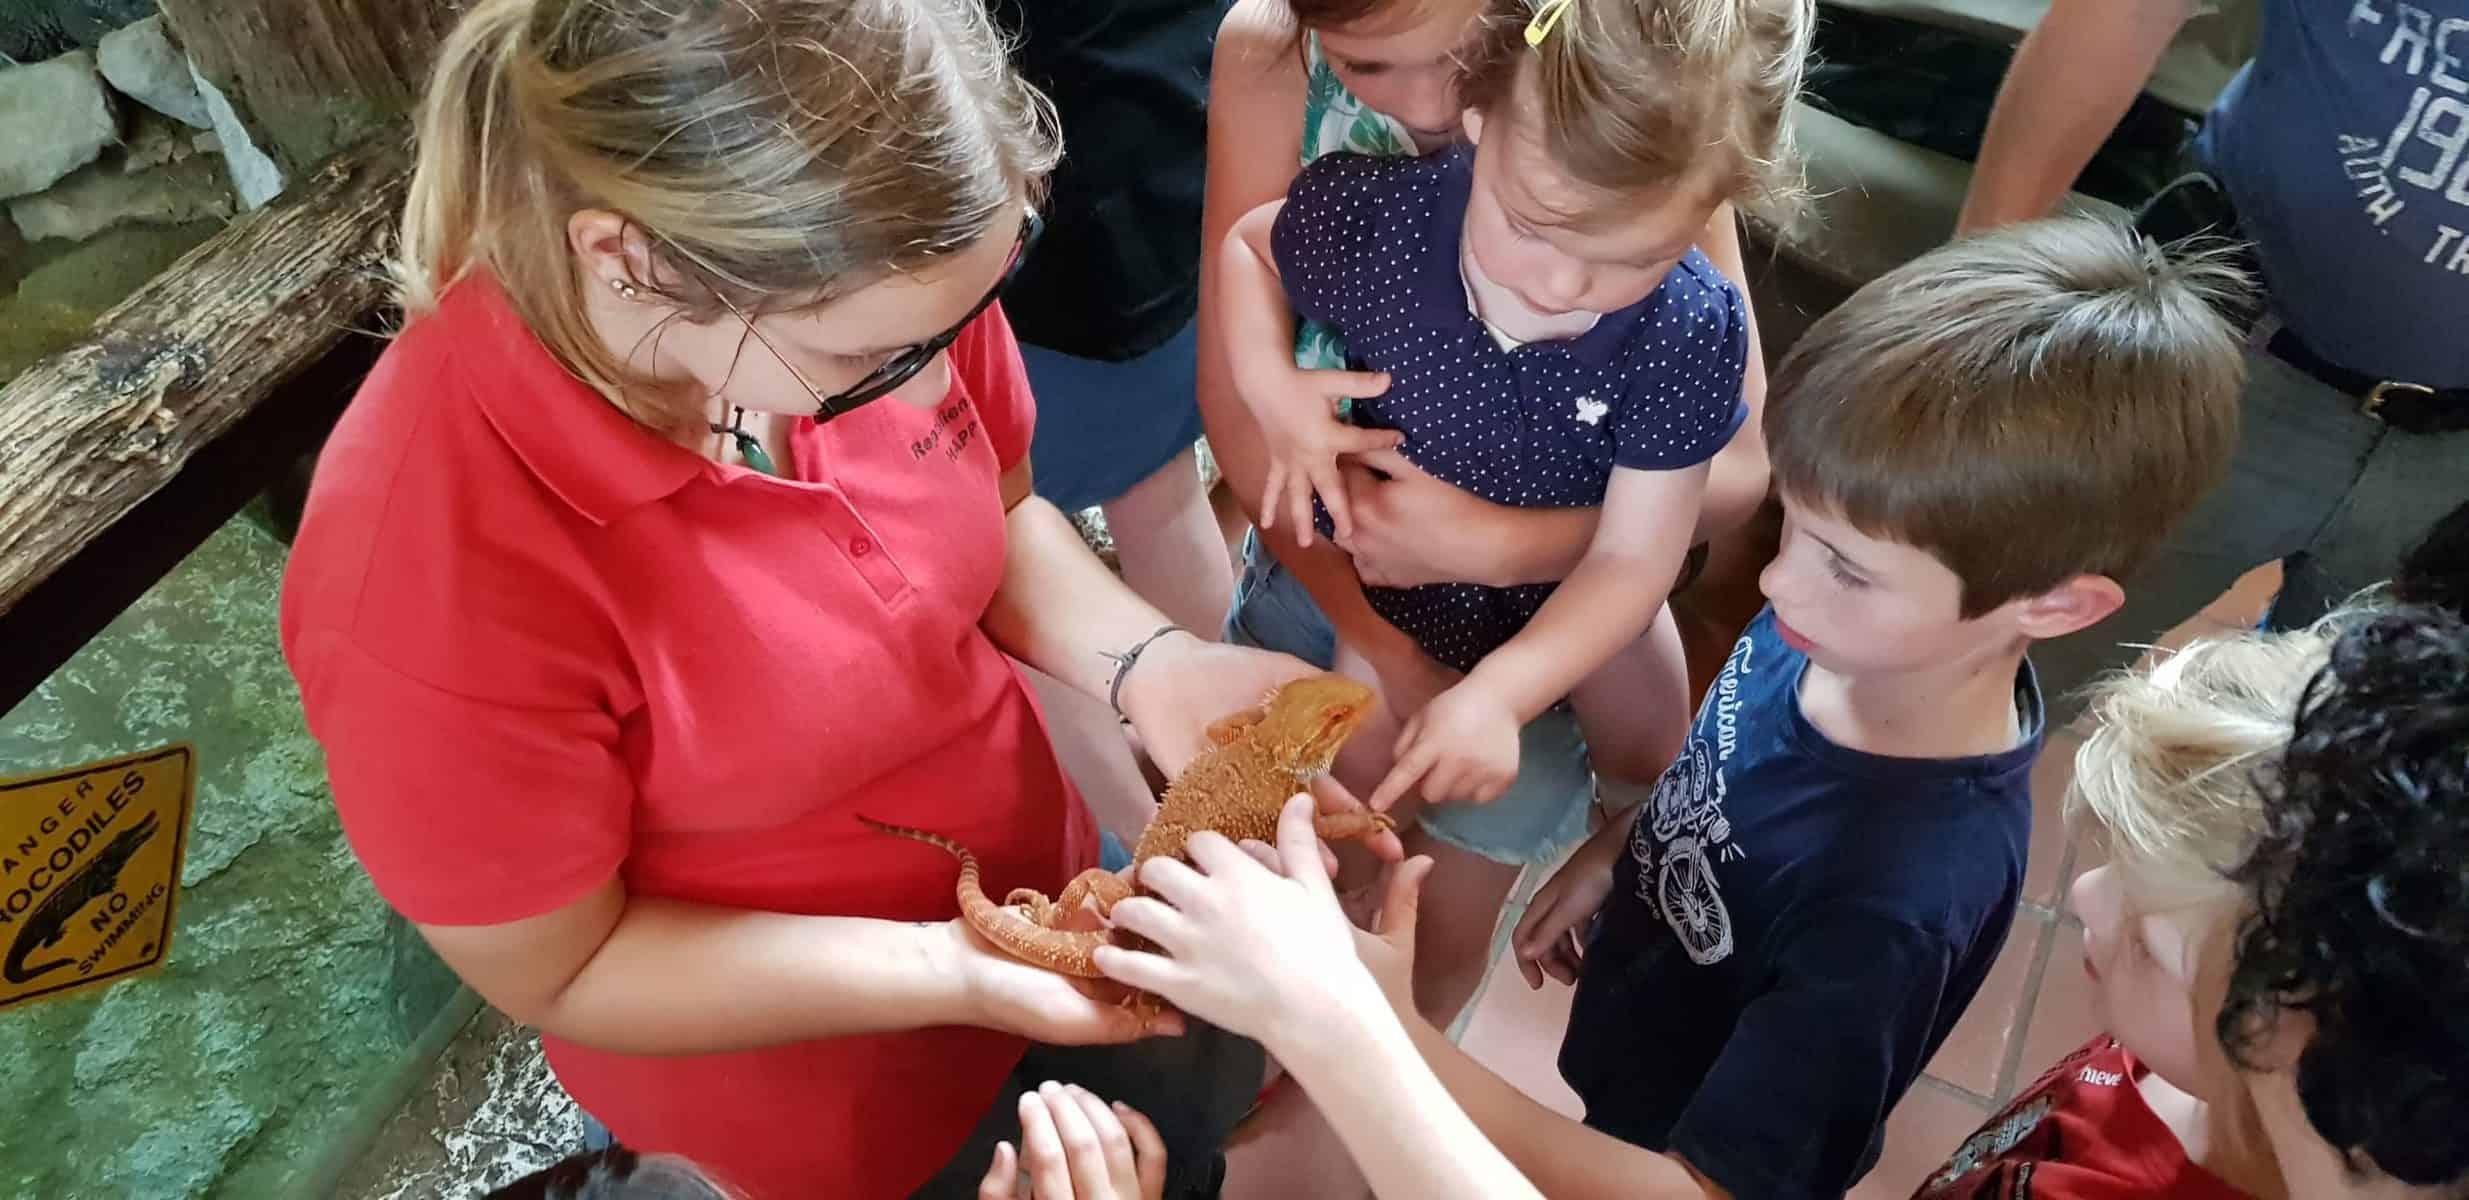 Kinder mit Eidechse bei Führung im Reptilienzoo Happ - familienfreundliches Ausflugsziel in Klagenfurt am Wörthersee